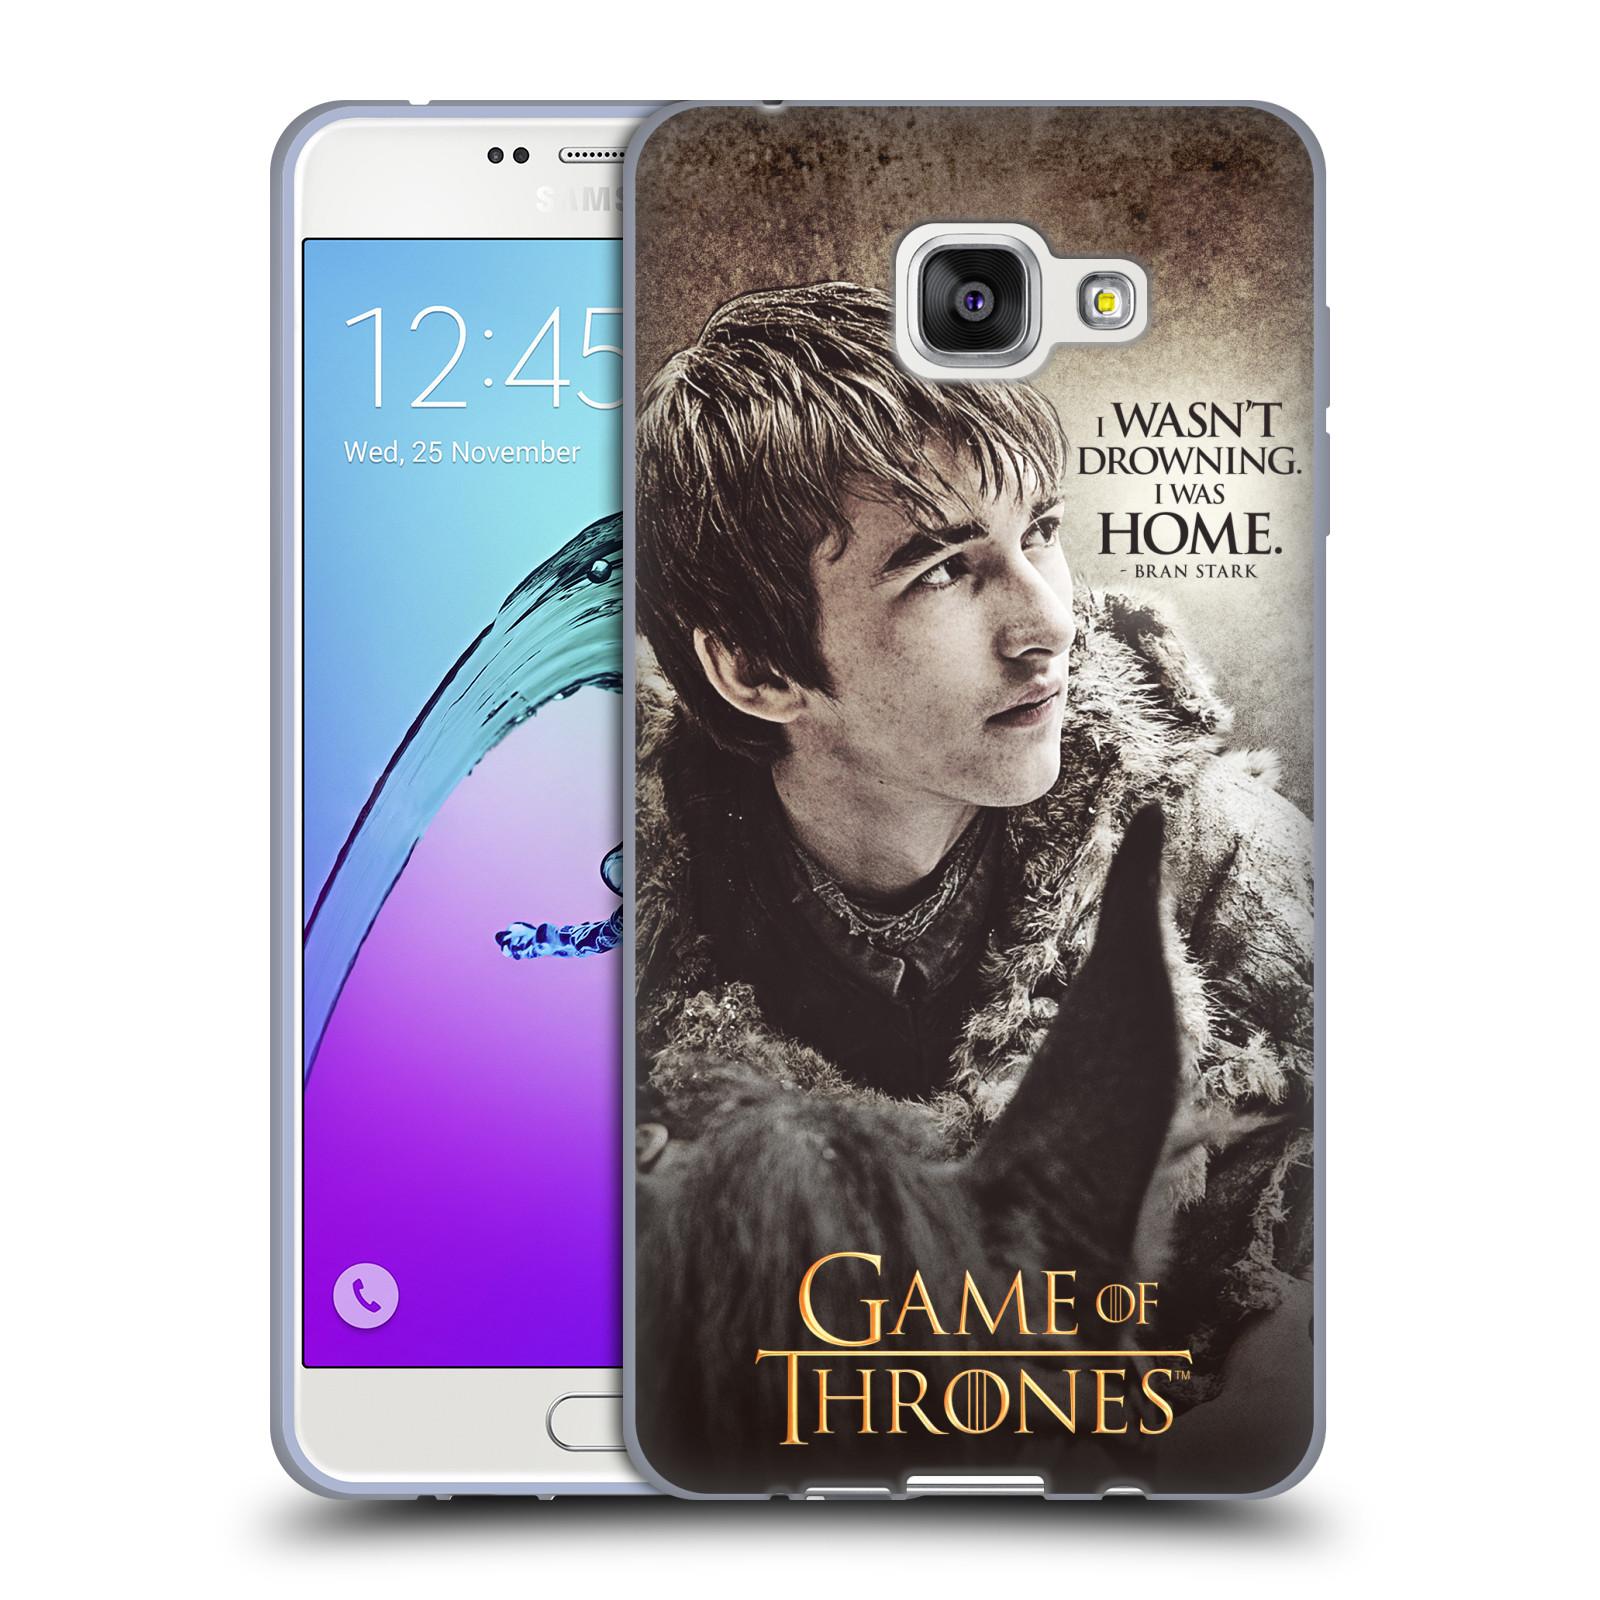 HEAD CASE silikonový obal na mobil Samsung Galaxy A7 2016 (A710) oficiální kryt Hra o trůny Bran Stark